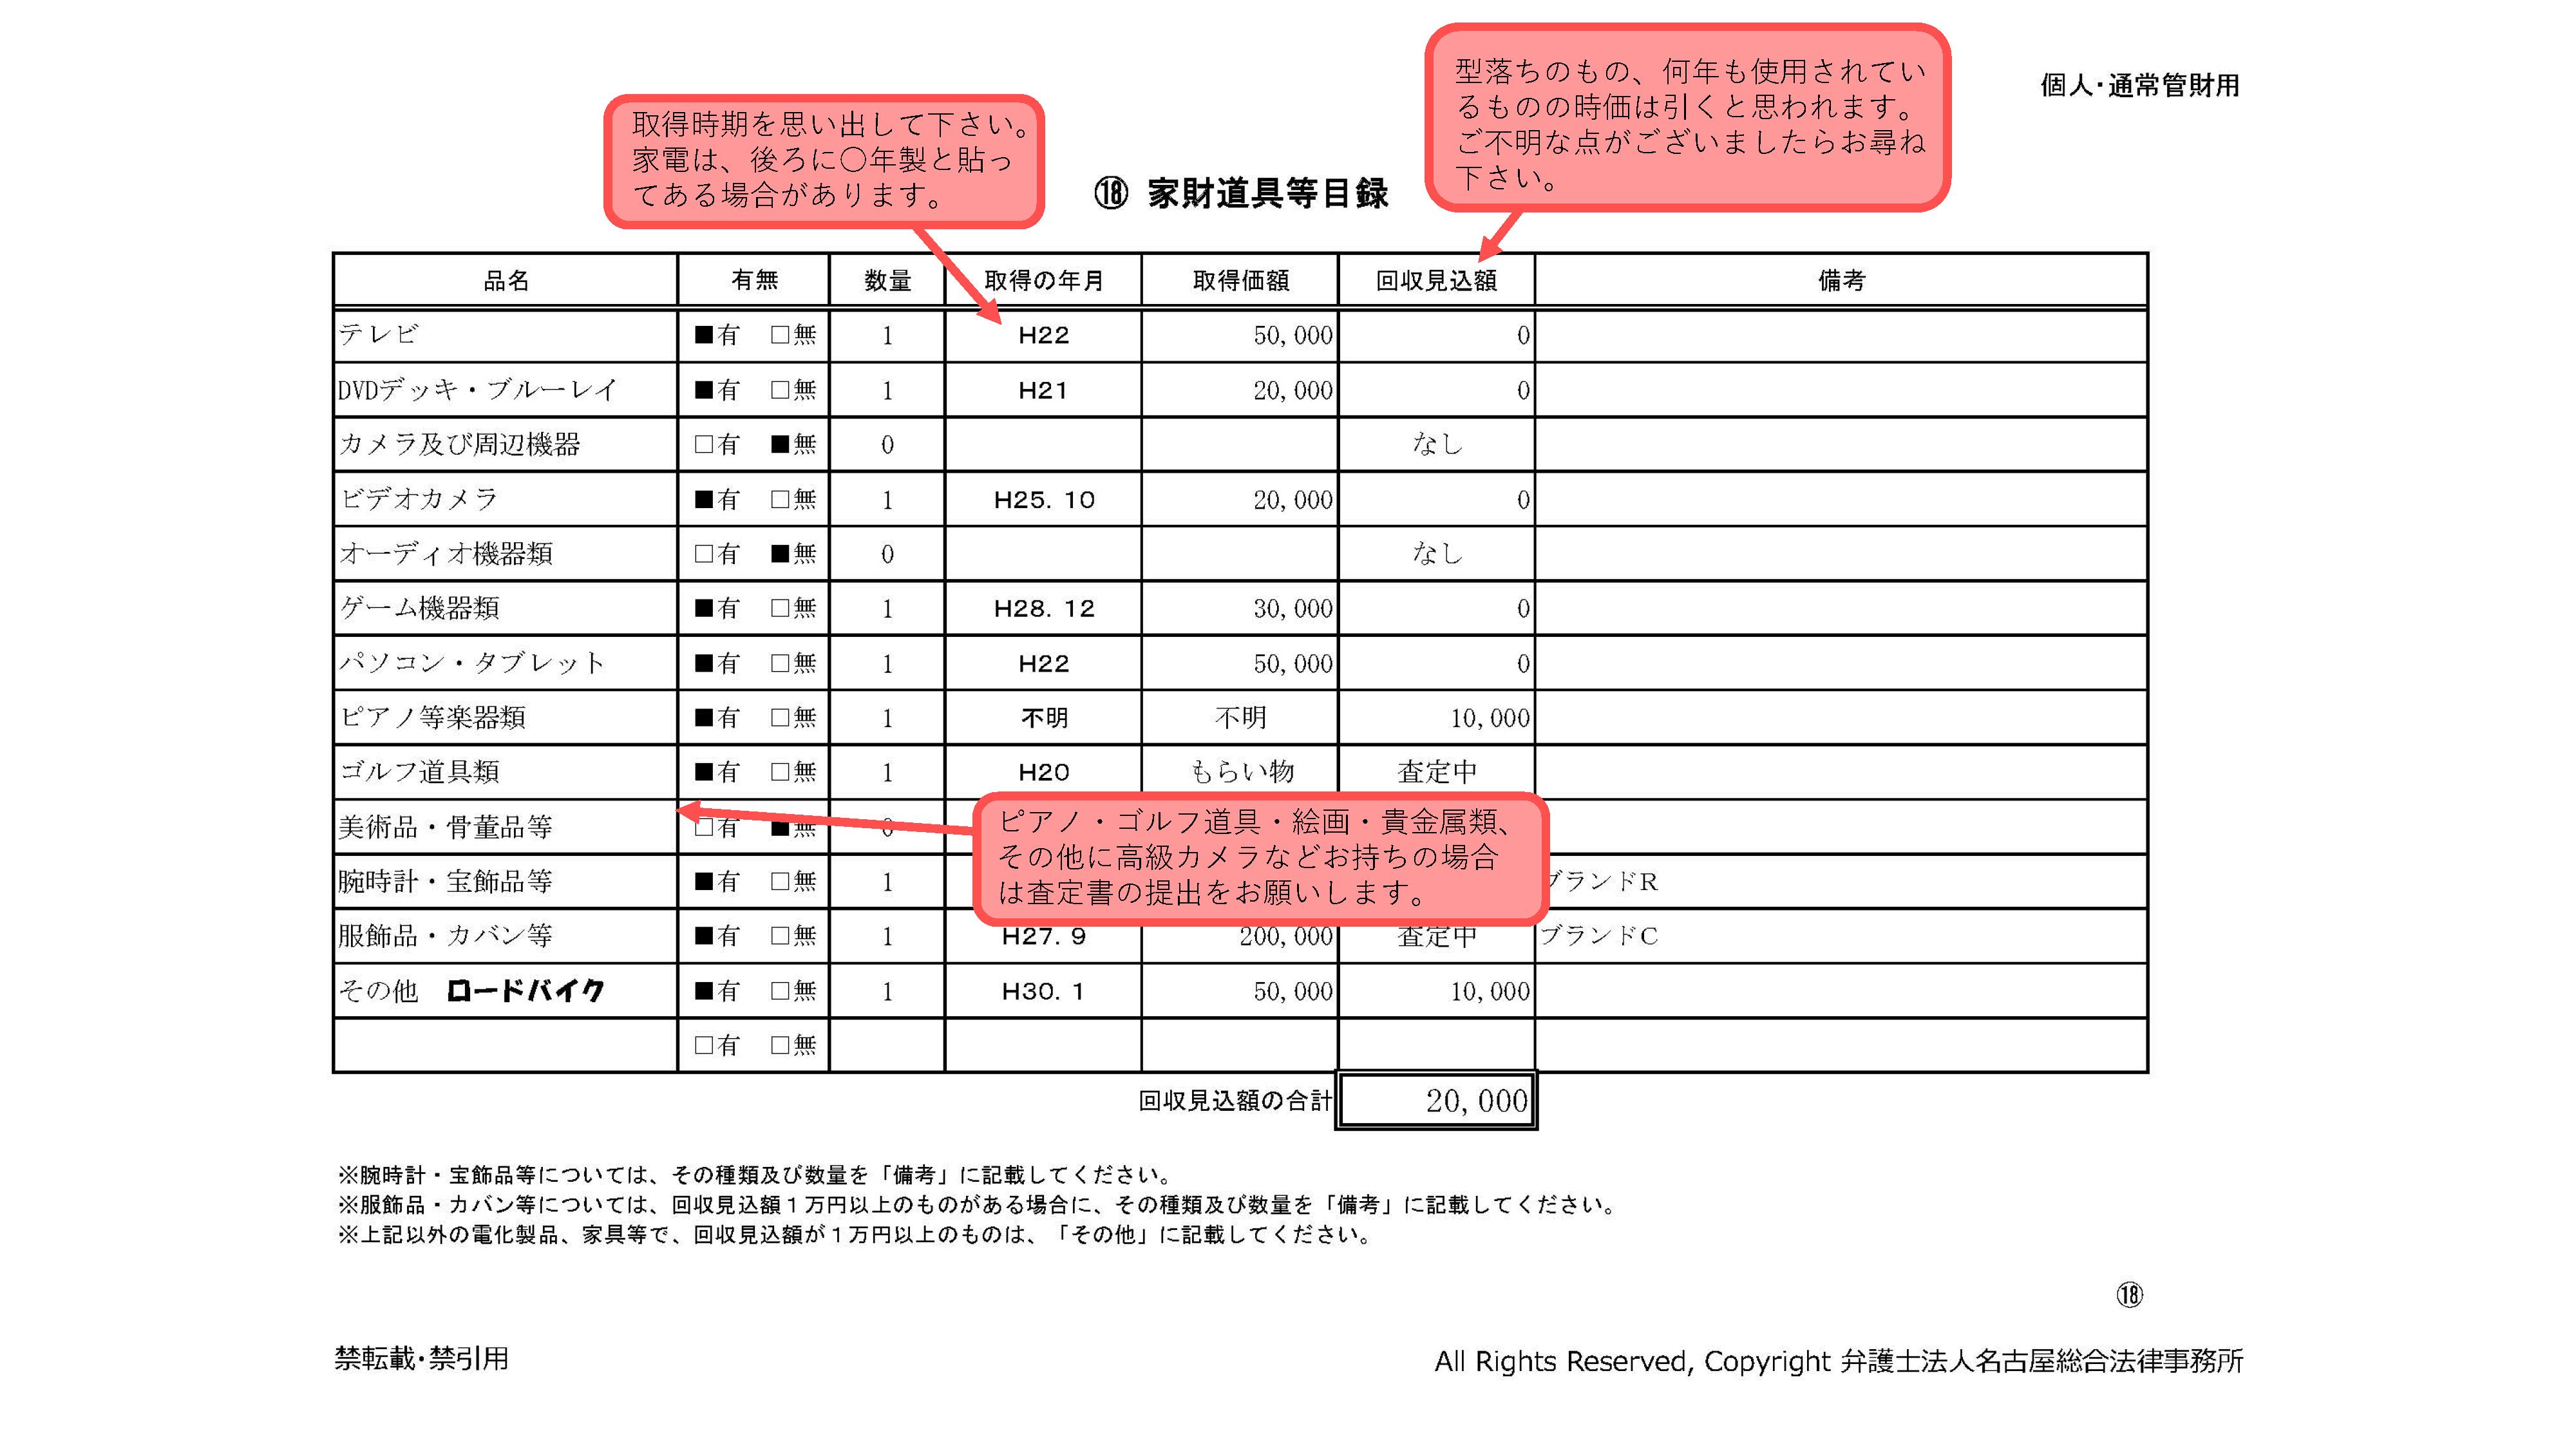 県 愛知 倒産 情報